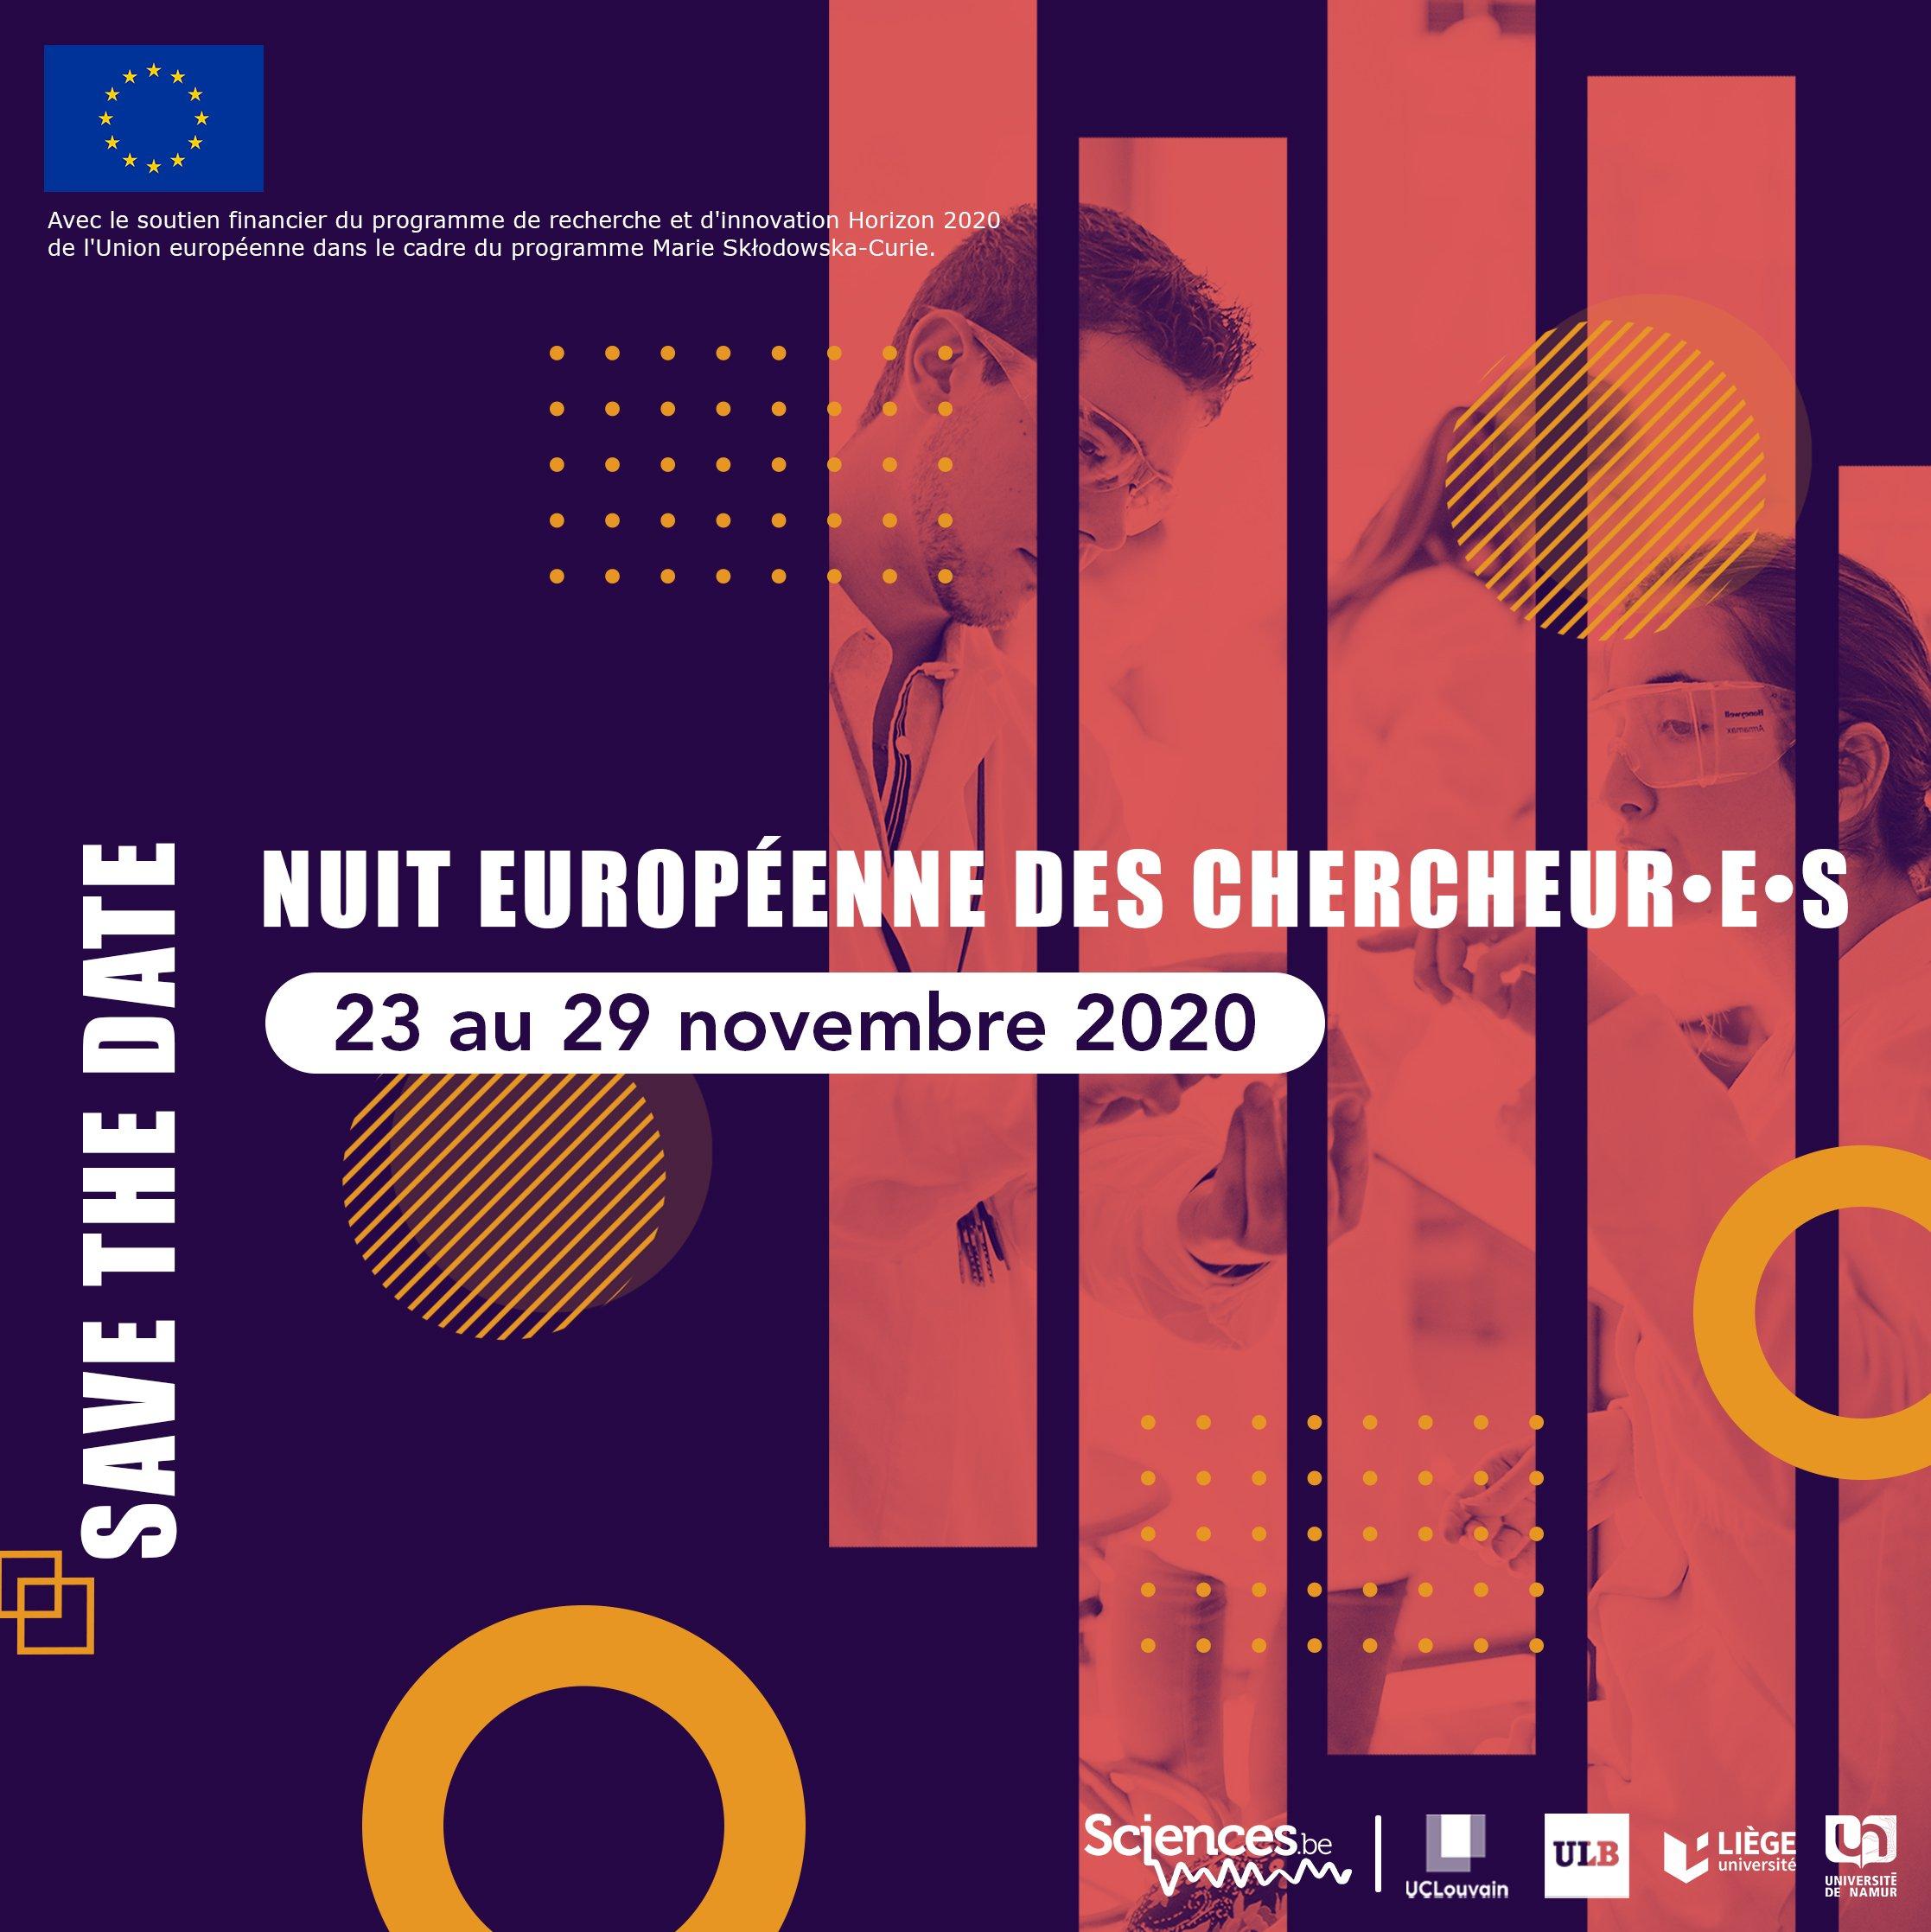 Nuit européenne des chercheur.e.s